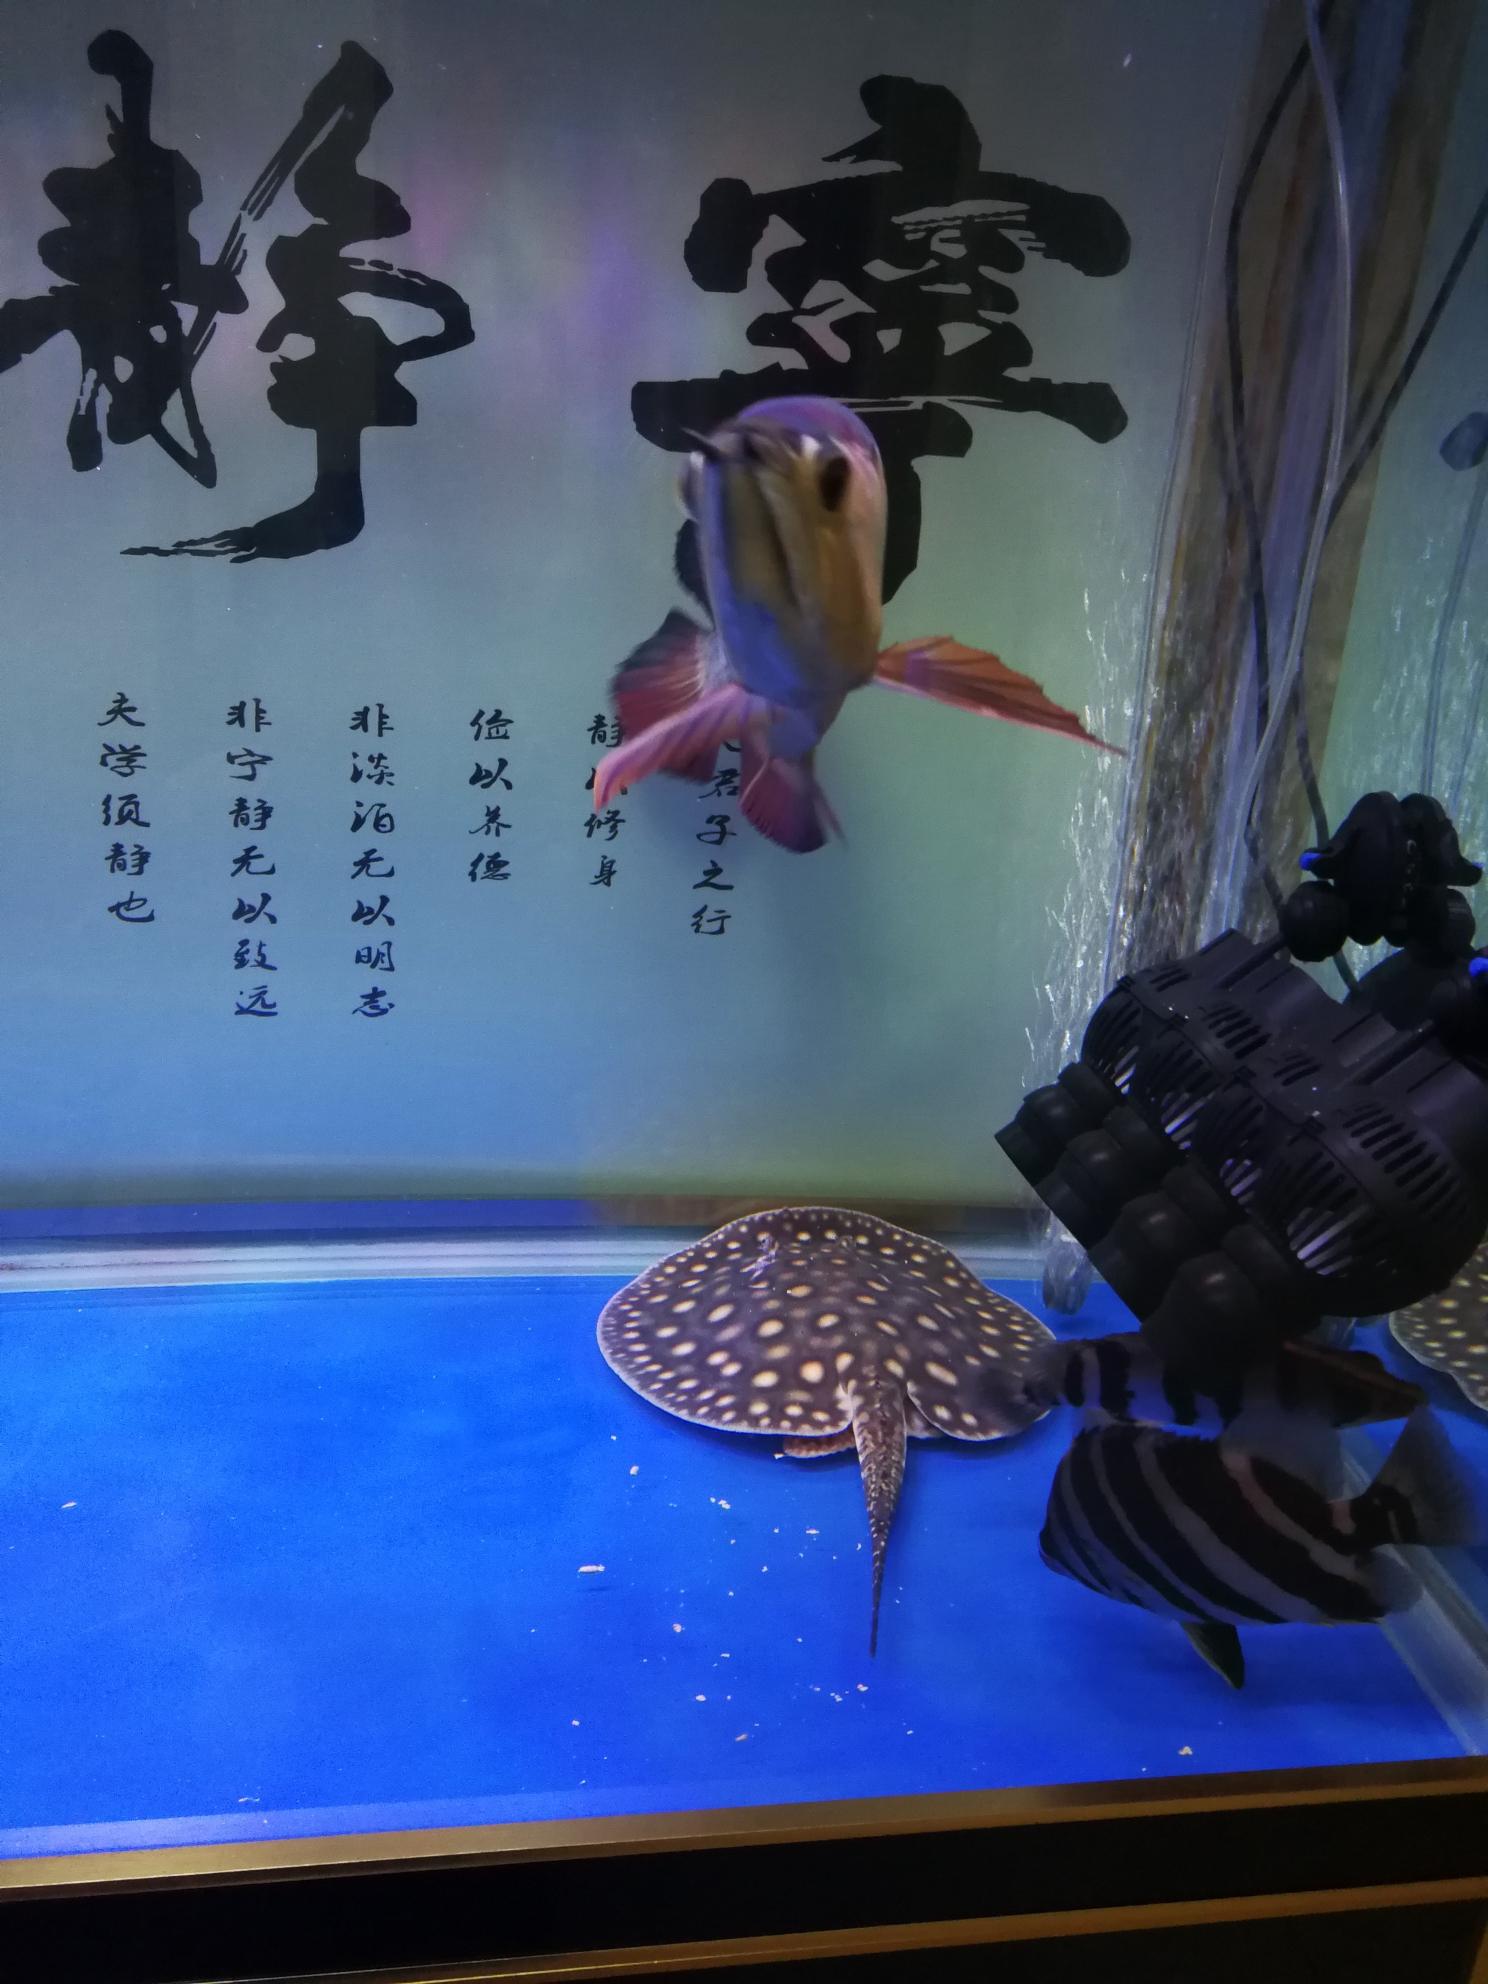 分享鱼的乐趣 延安龙鱼论坛 延安龙鱼第2张